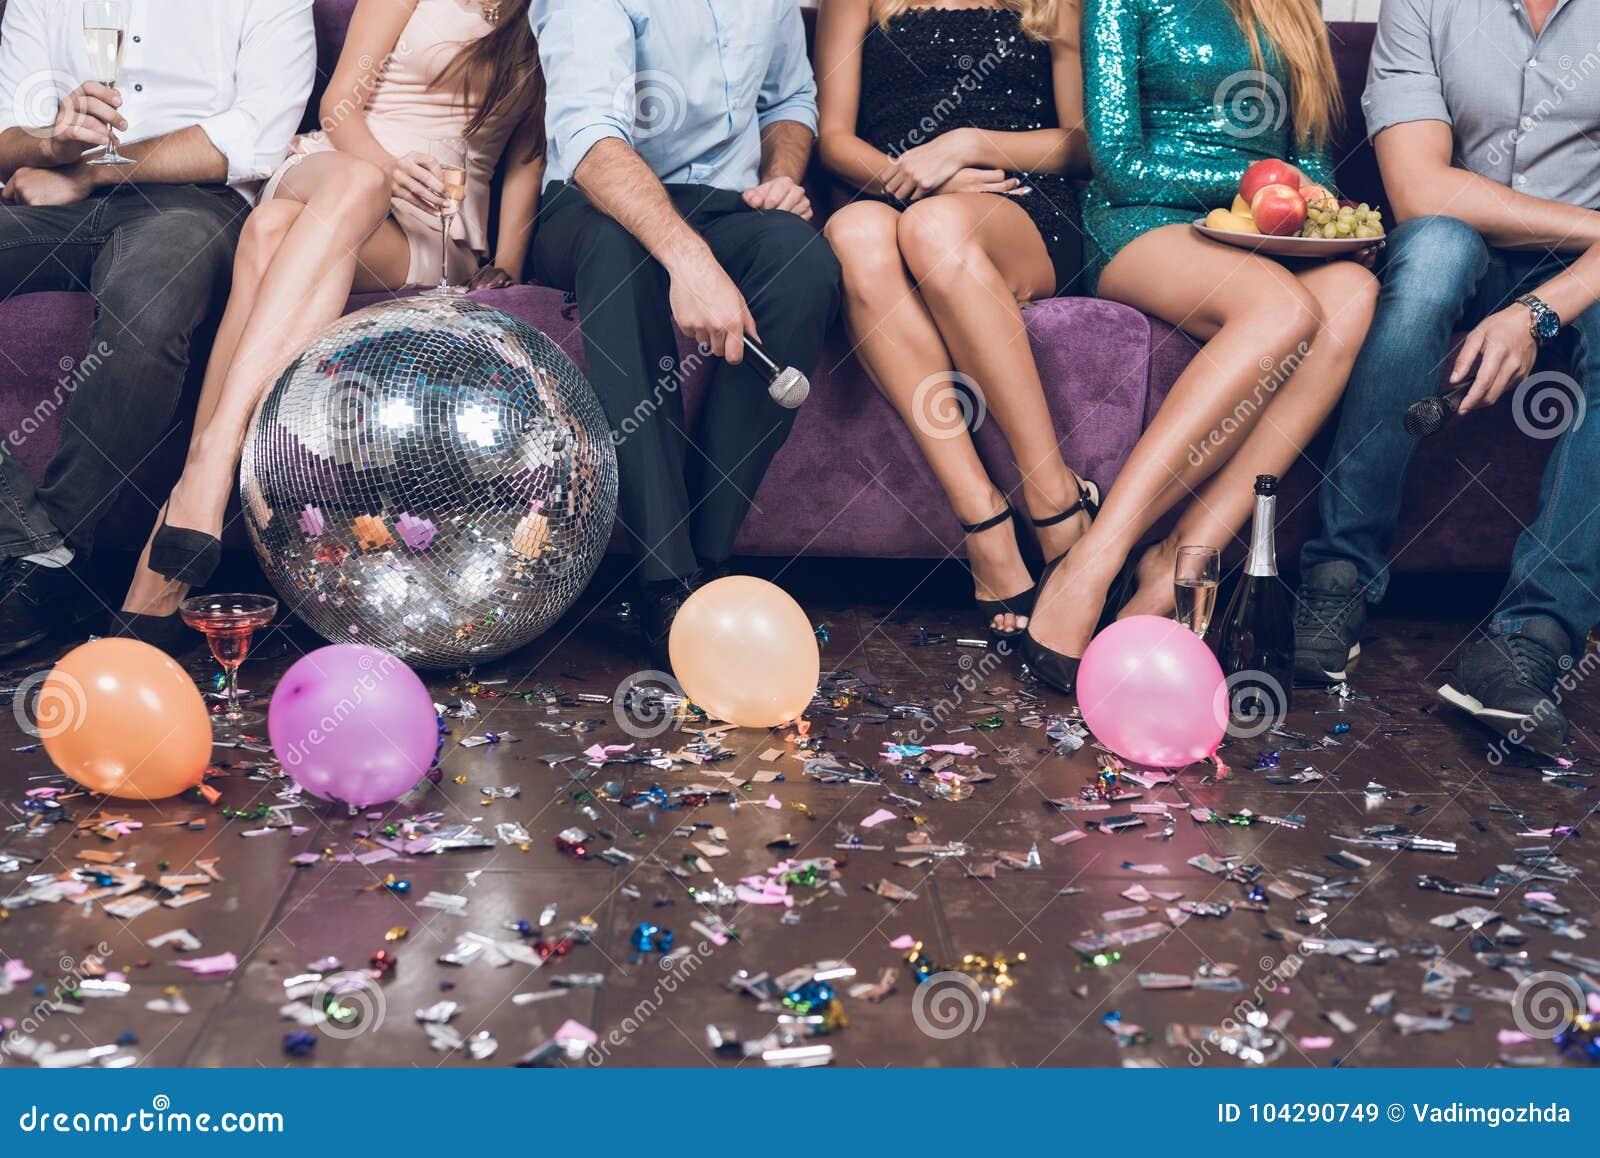 κλείστε επάνω Οι νέοι στηρίζονται ανά τα ζευγάρια σε ένα νυχτερινό κέντρο διασκέδασης Κάθονται σε έναν μεγάλο ιώδη καναπέ